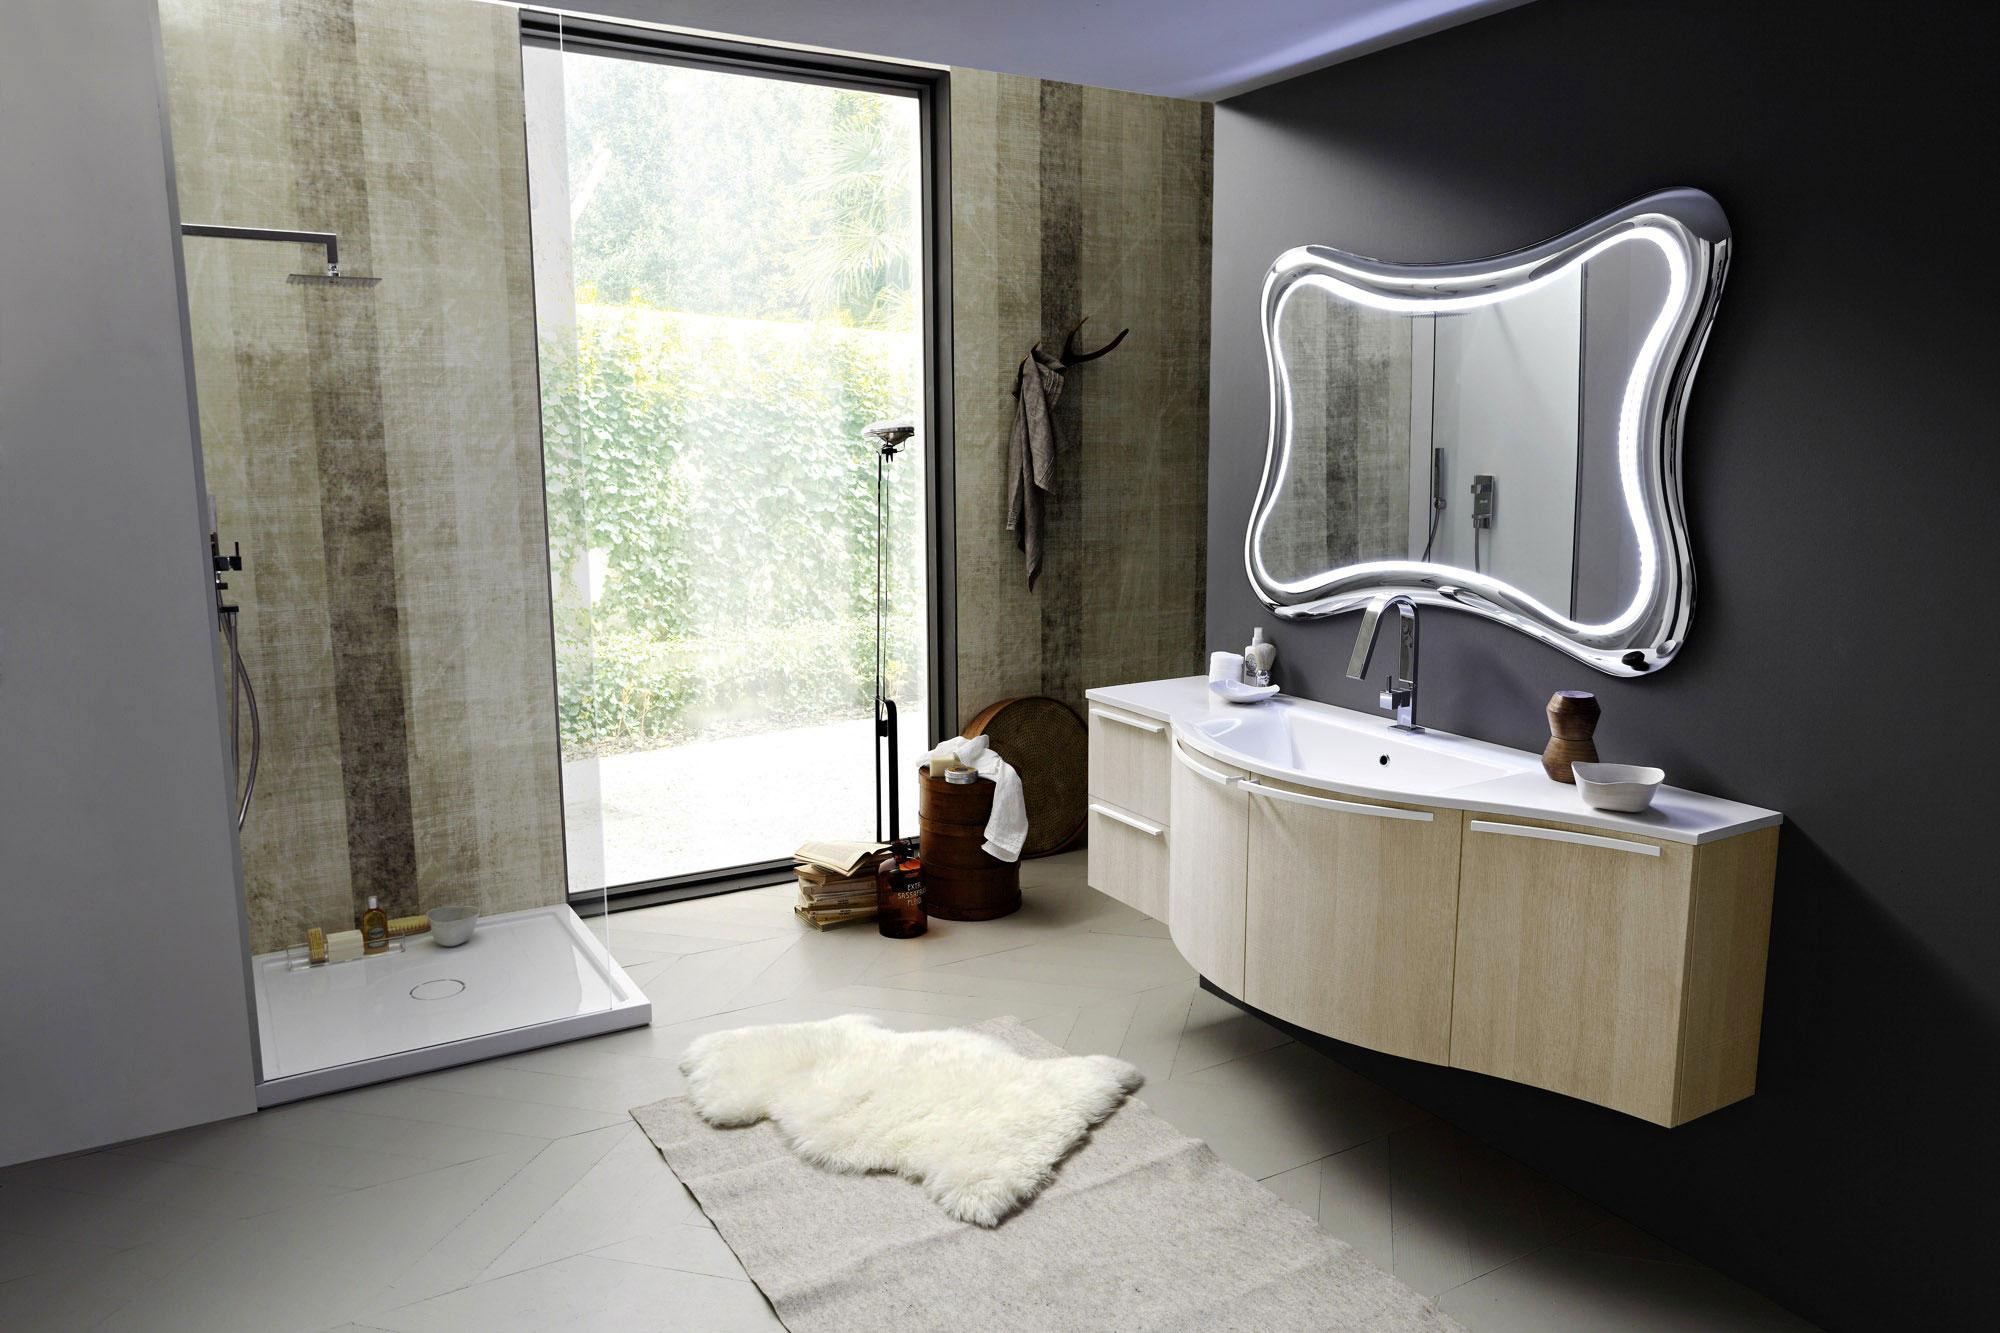 Vasca Da Bagno In Pietra Naturale Prezzi : Arredo bagno casale monferrato ceramiche euroedil 2